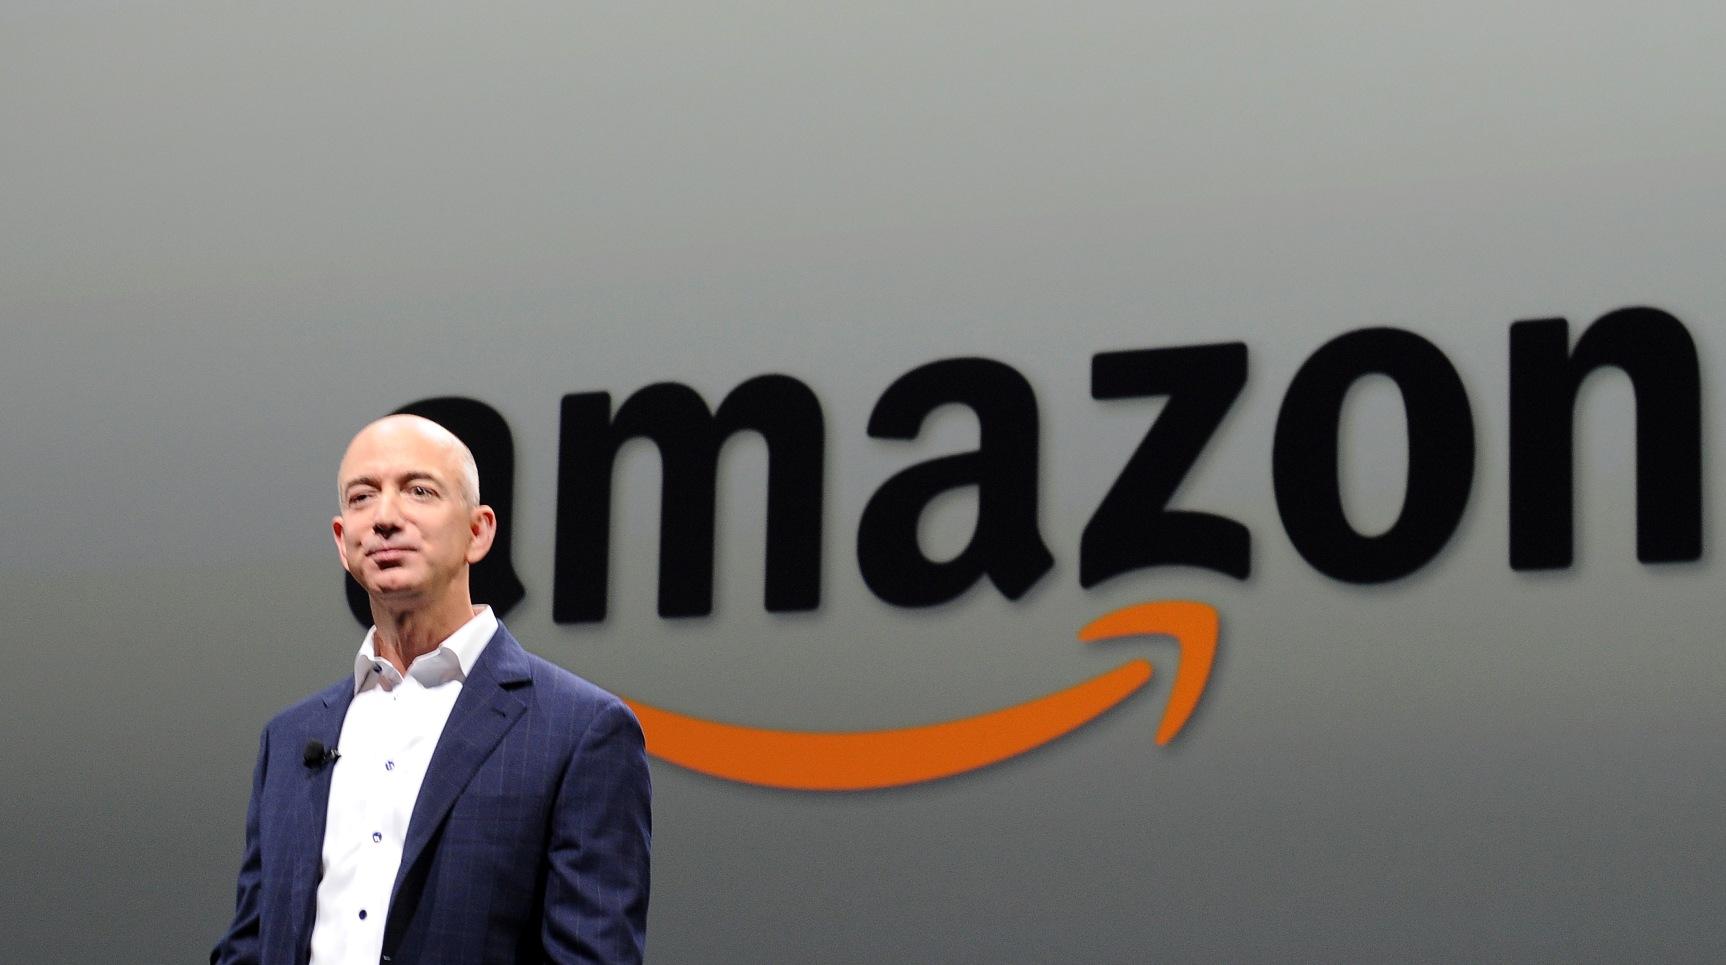 Direktor Amazona treći najbogatiji čovjek na svijetu